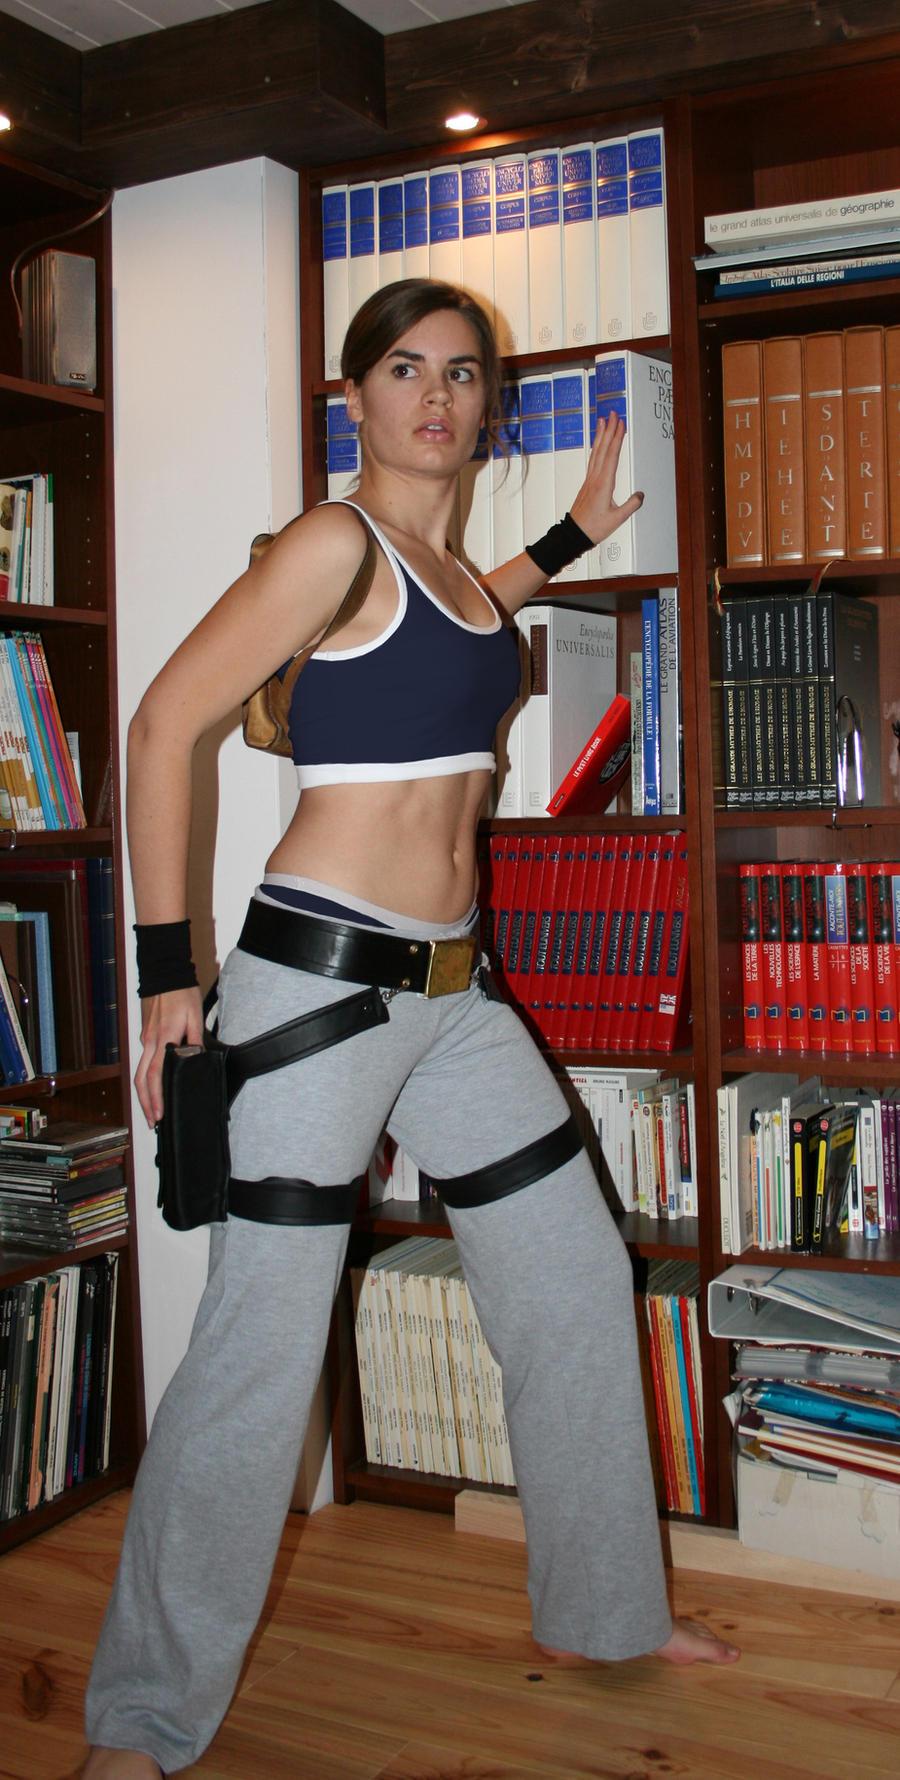 Lara Croft_mix training by Tyalis-photo